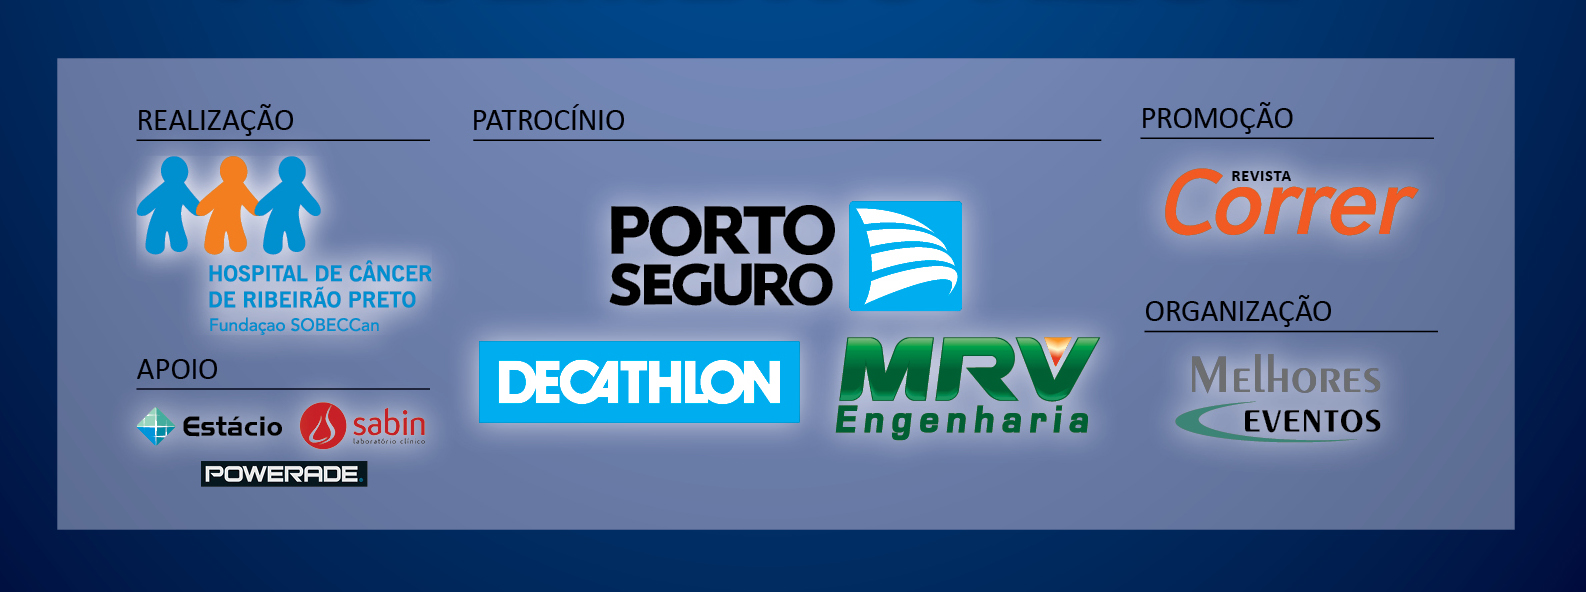 patrocinio corrida novembro azul revista correr 2016